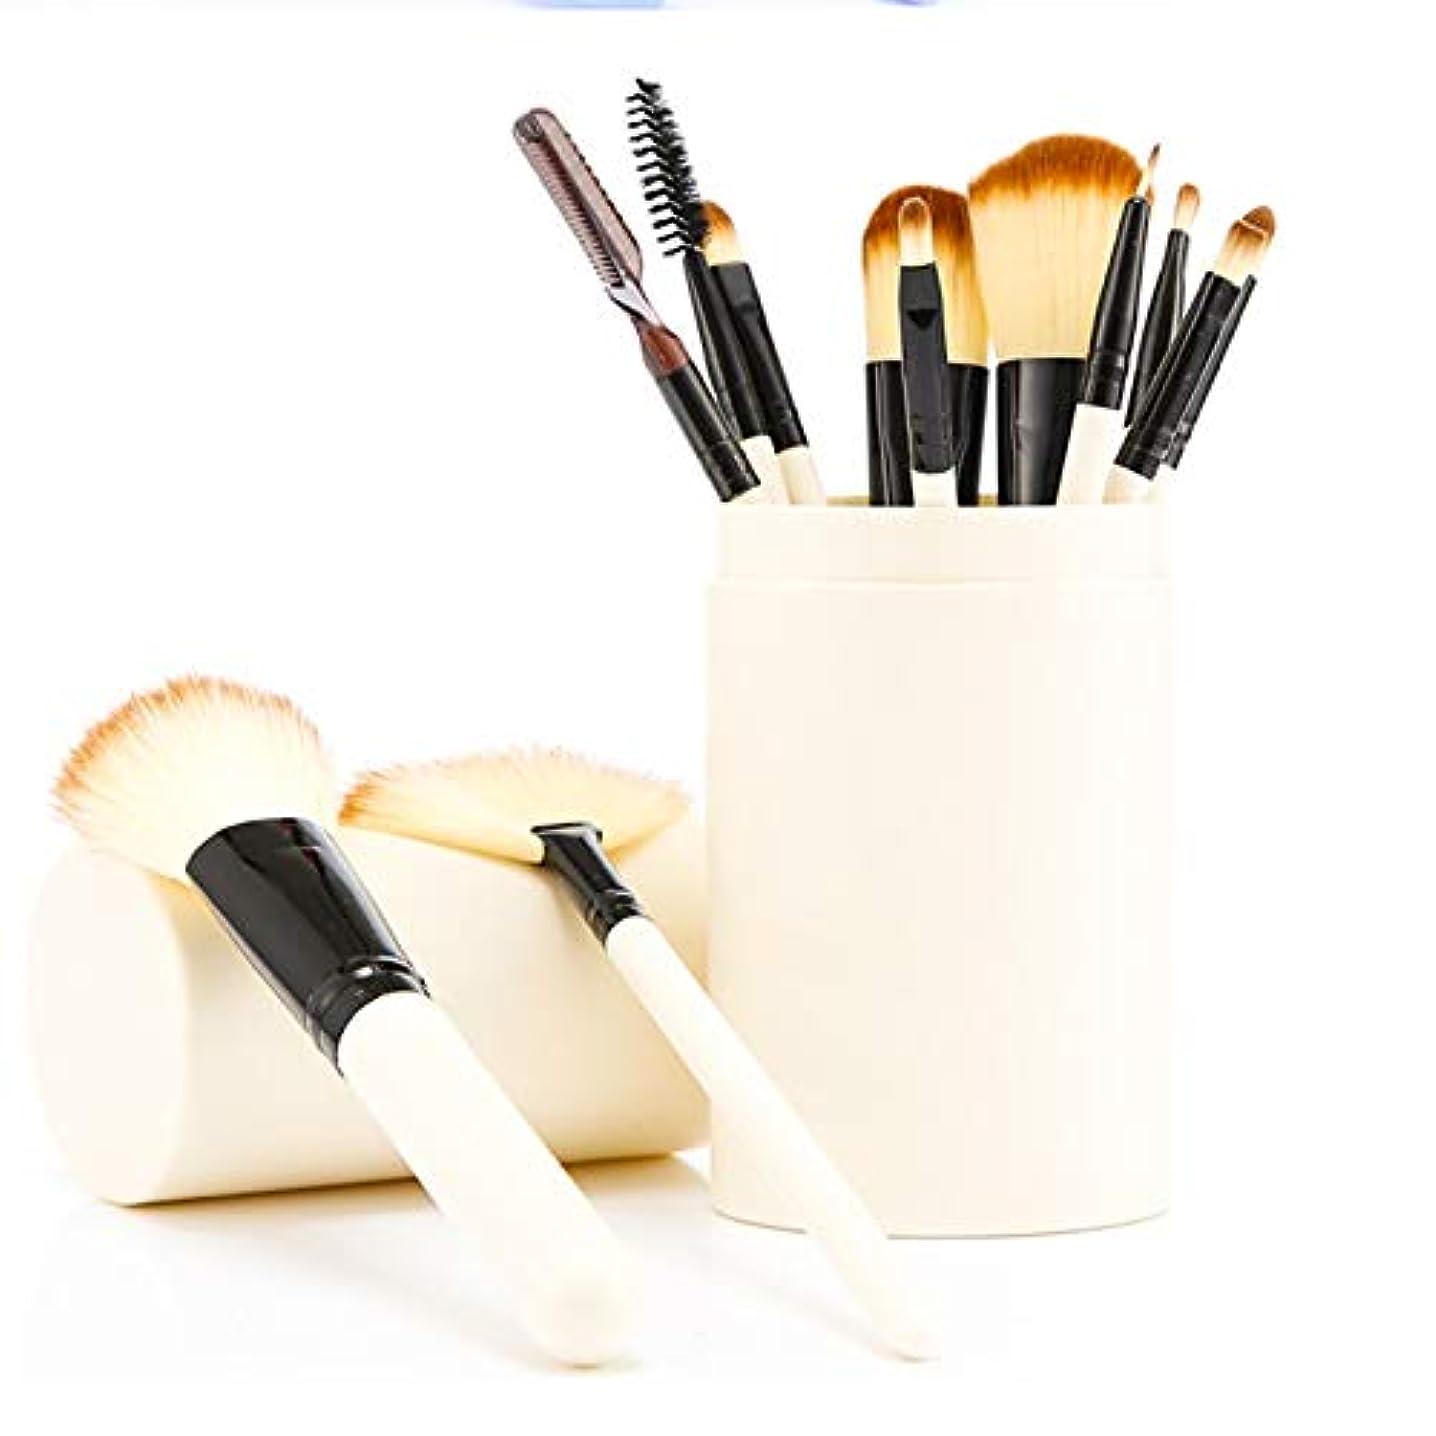 ドリンク粉砕する予防接種ソフトで残酷のない合成繊維剛毛とローズゴールドのディテールが施された化粧ブラシセット12本のプロフェッショナルな化粧ブラシ - エレガントなPUレザーポーチが含まれています (Color : Natural)